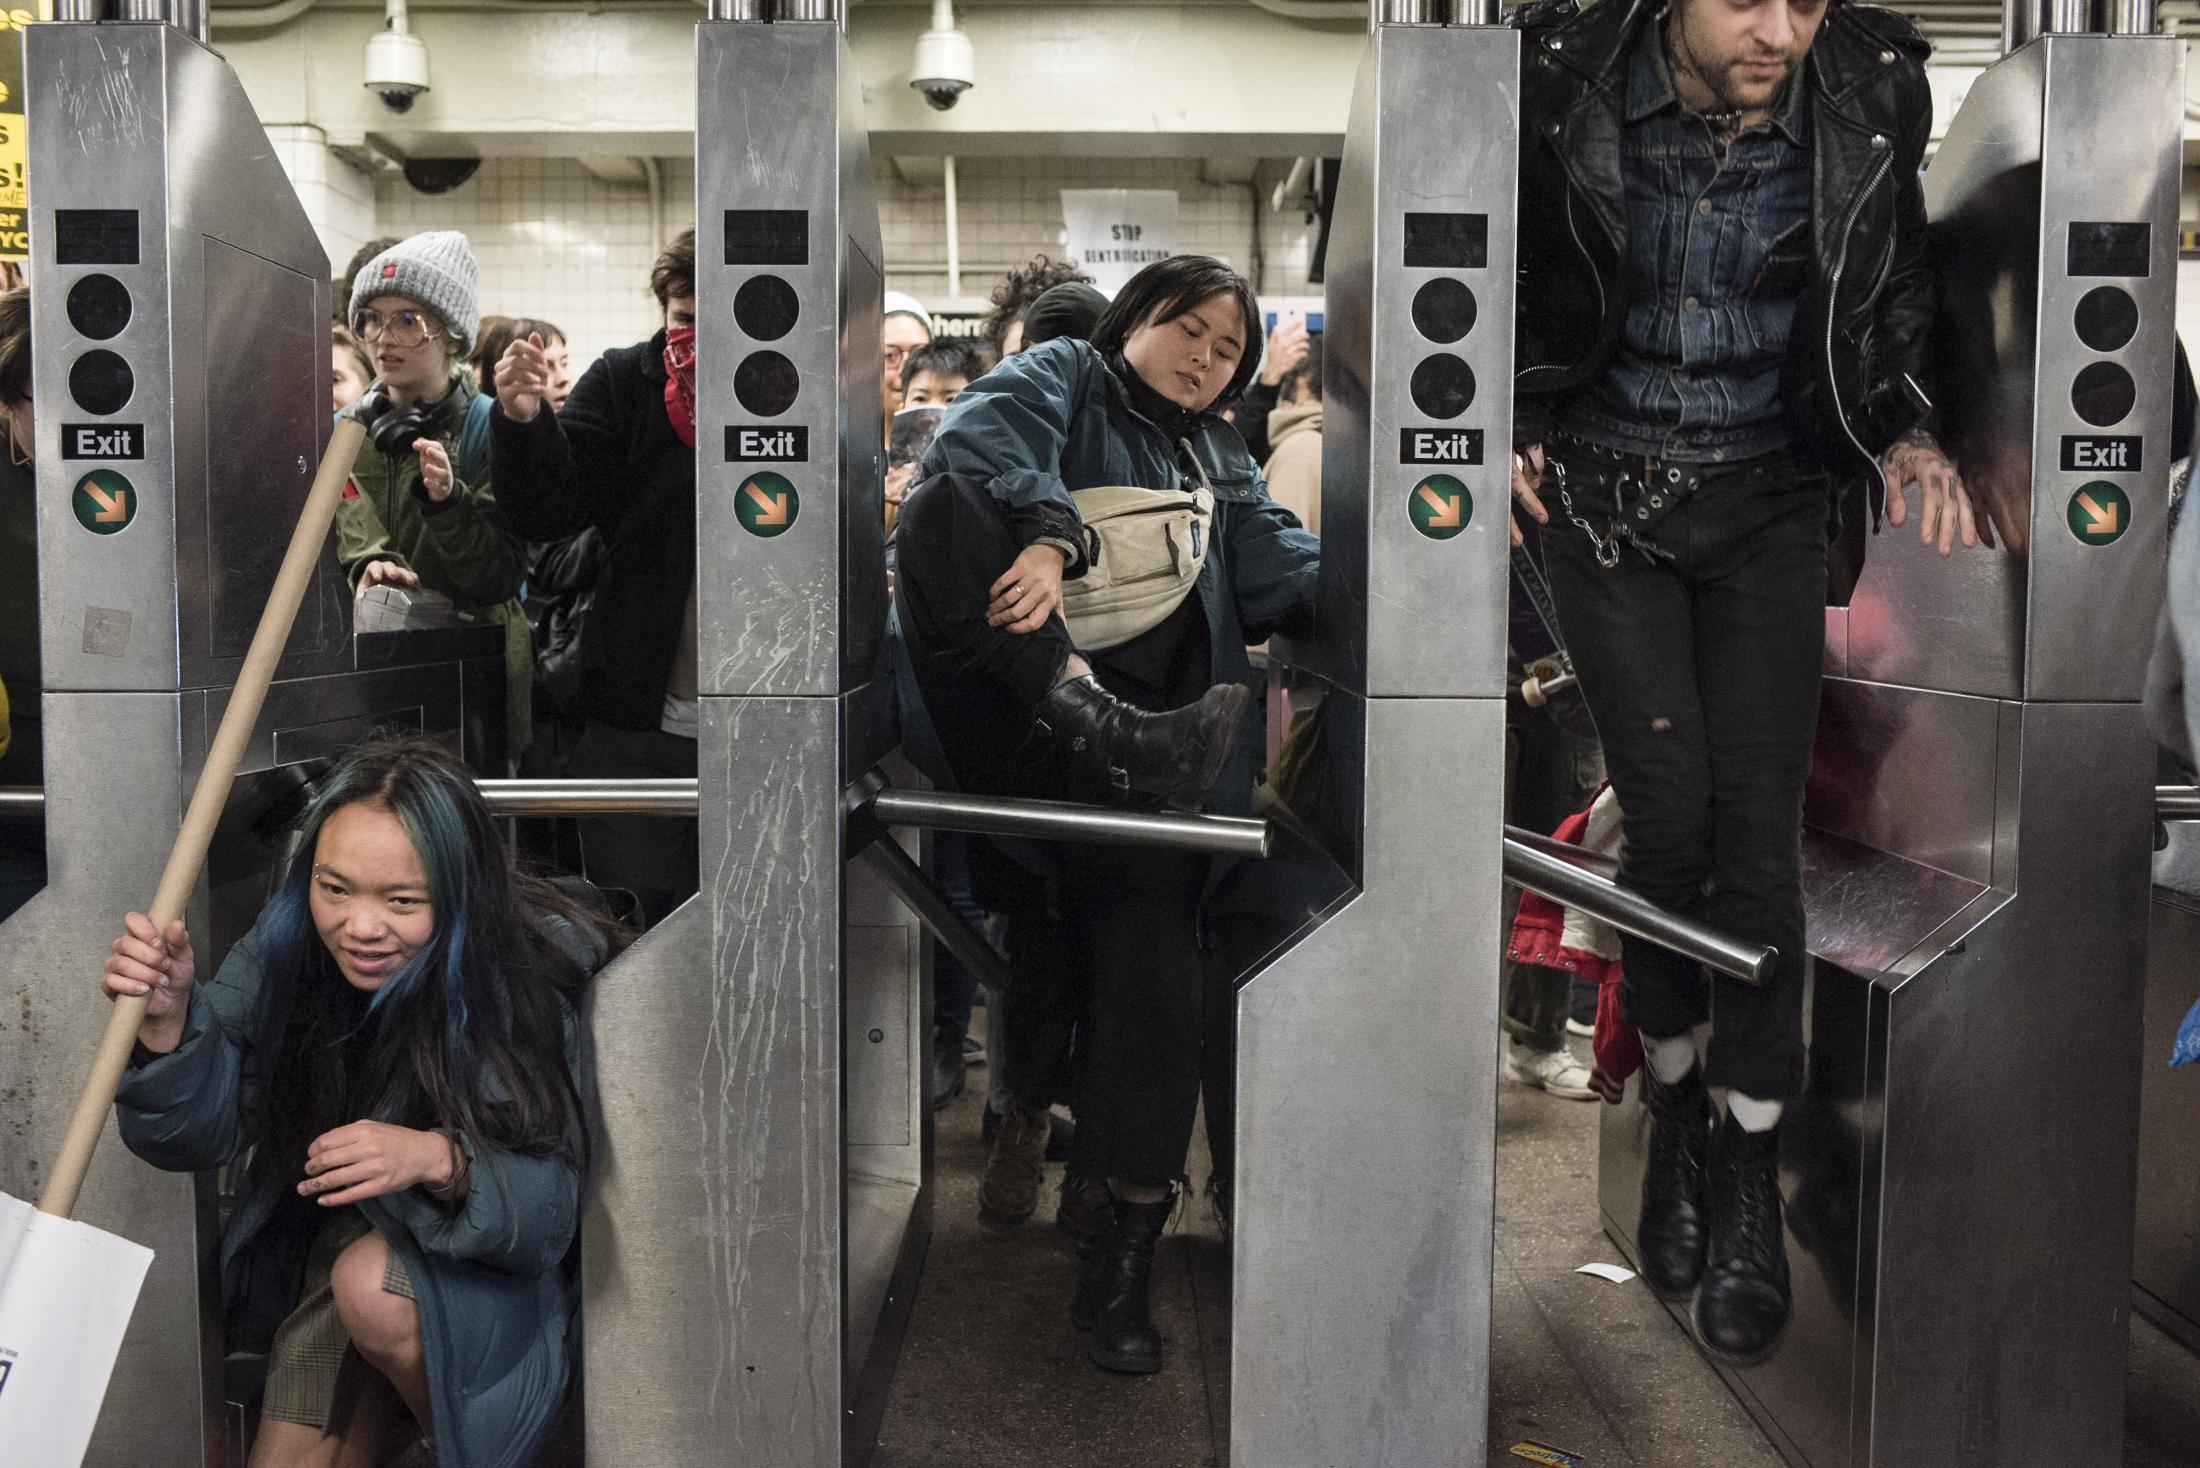 Jóvenes saltando torniquetes de una estación del metro de Nueva York, para ocupar estaciones como acción de protesta en respuesta a la detención del jóven Adrian Napier, quién fuese falsamente acusado de evadir el pasaje y fuese brutalmente detenido por agentes del NYPD.